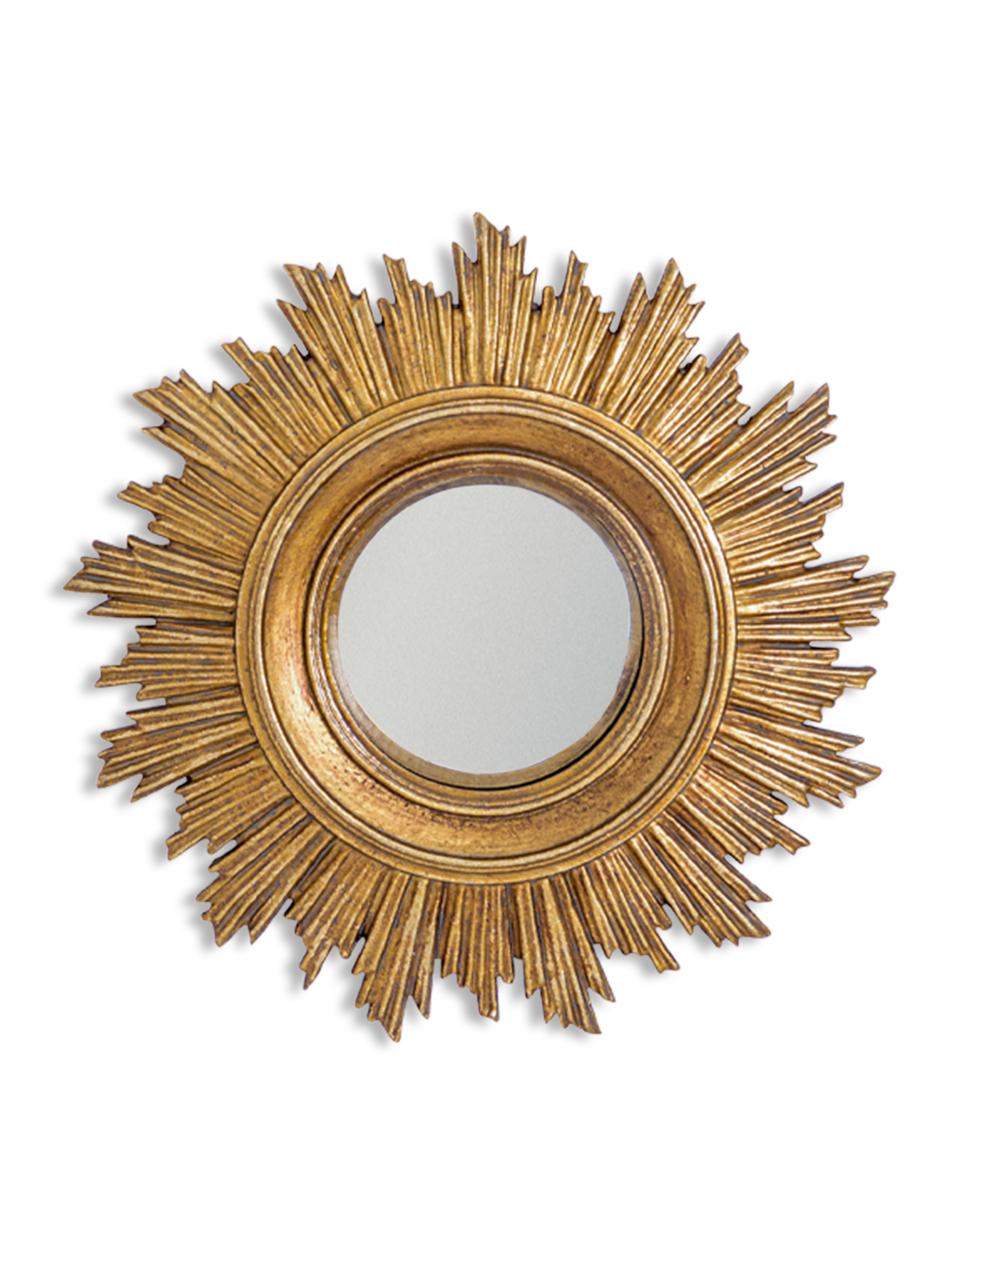 Antique Gold Burst Convex Mirror